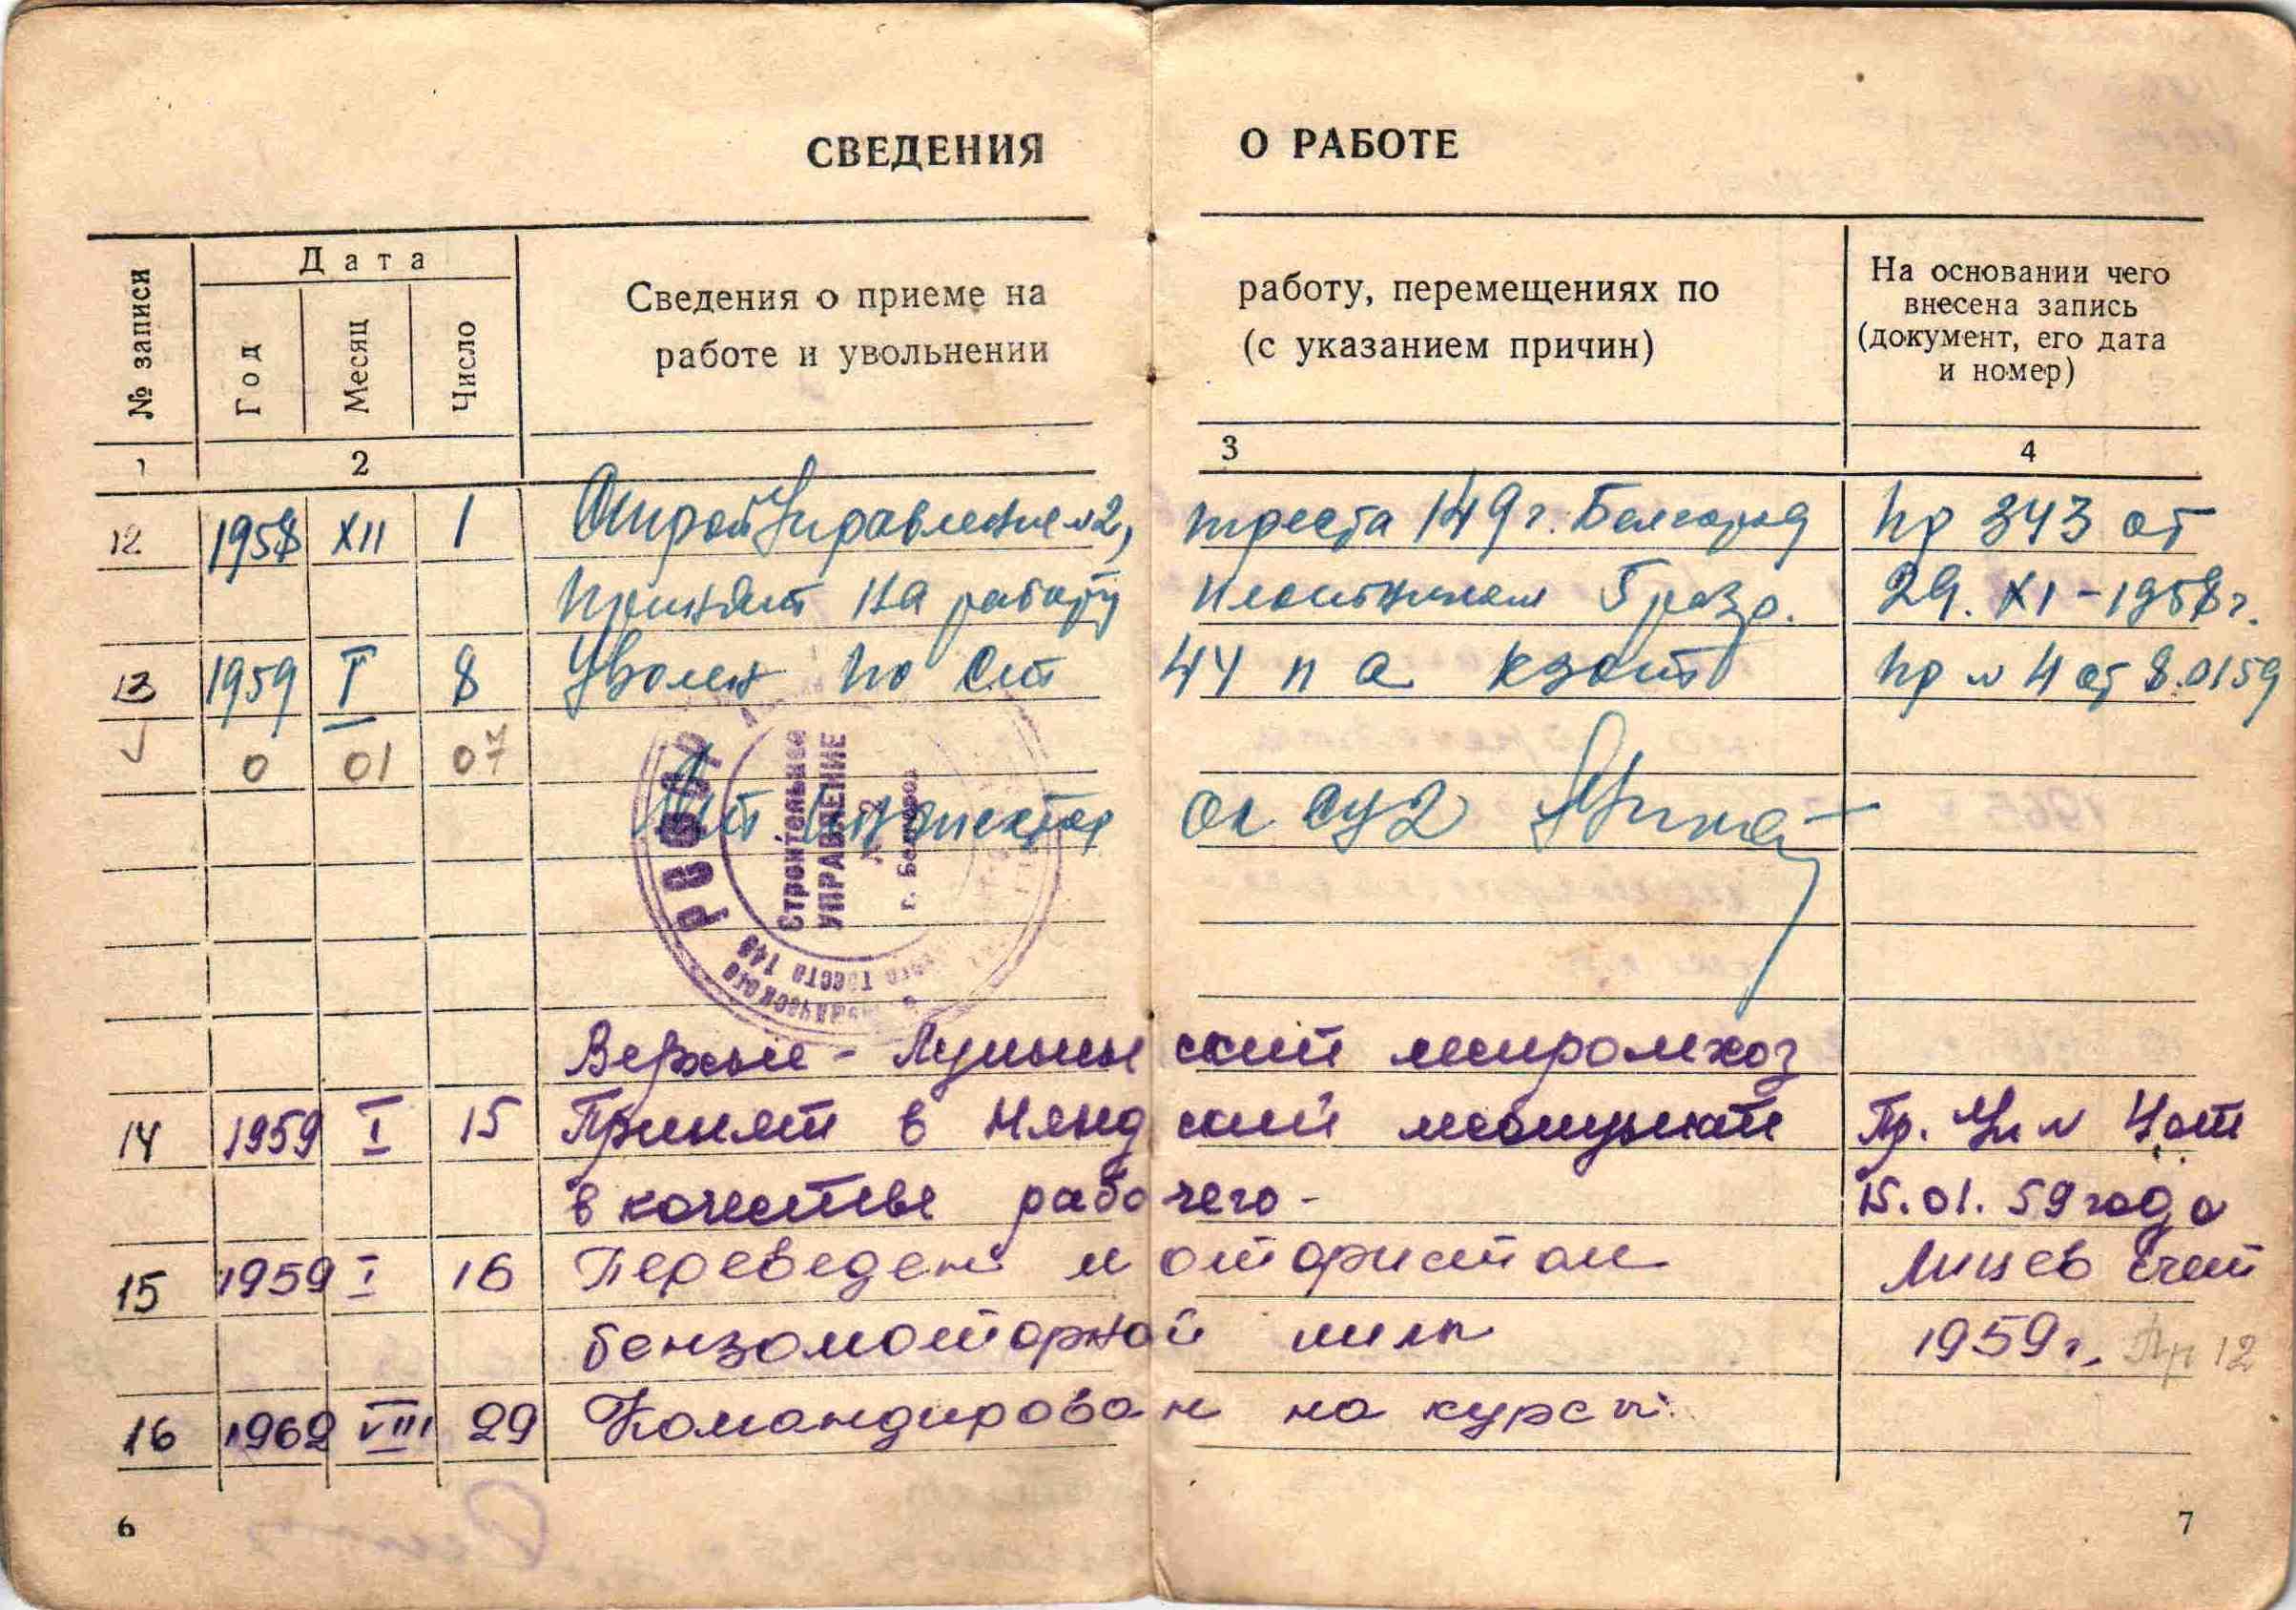 4. Трудовая книжка, 1954г.